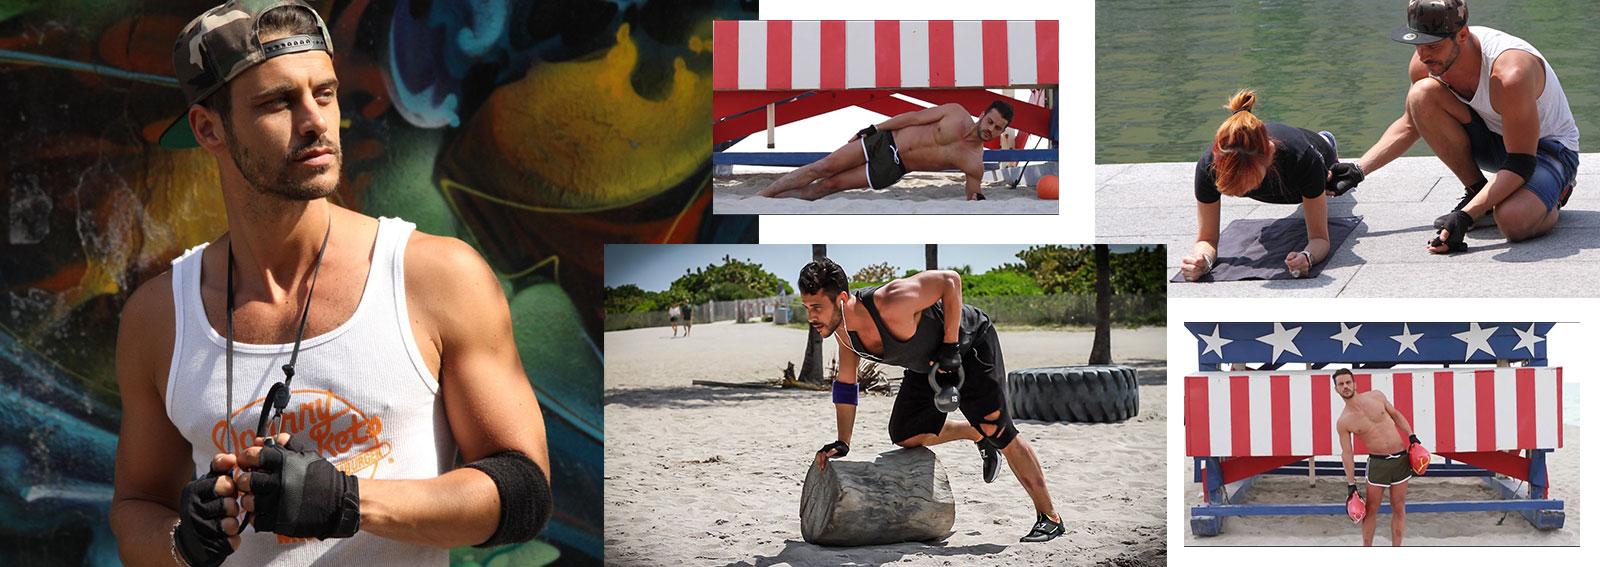 rimanere-in-forma-durante-feste-Natale-allenamento-benessere-esercizi-fitness-sport-desk